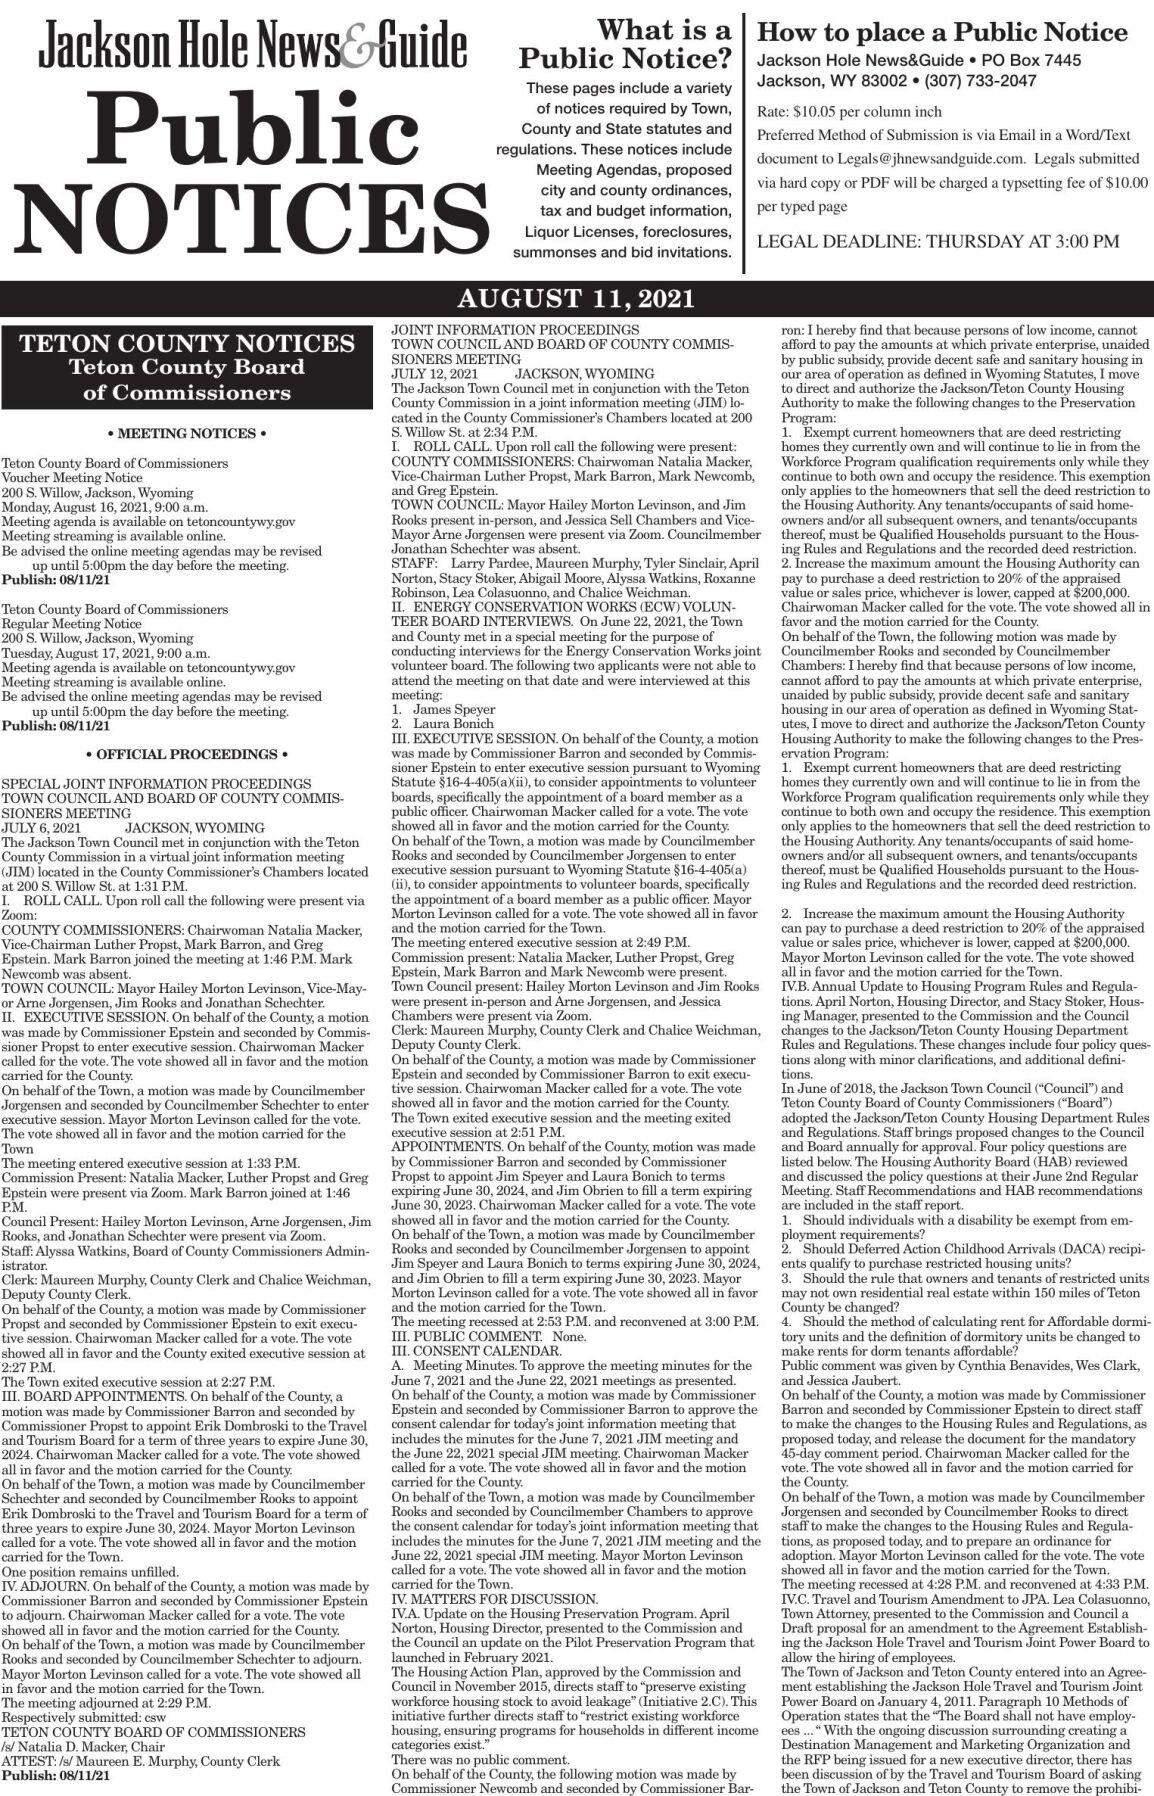 Public Notices, Aug. 11, 2021